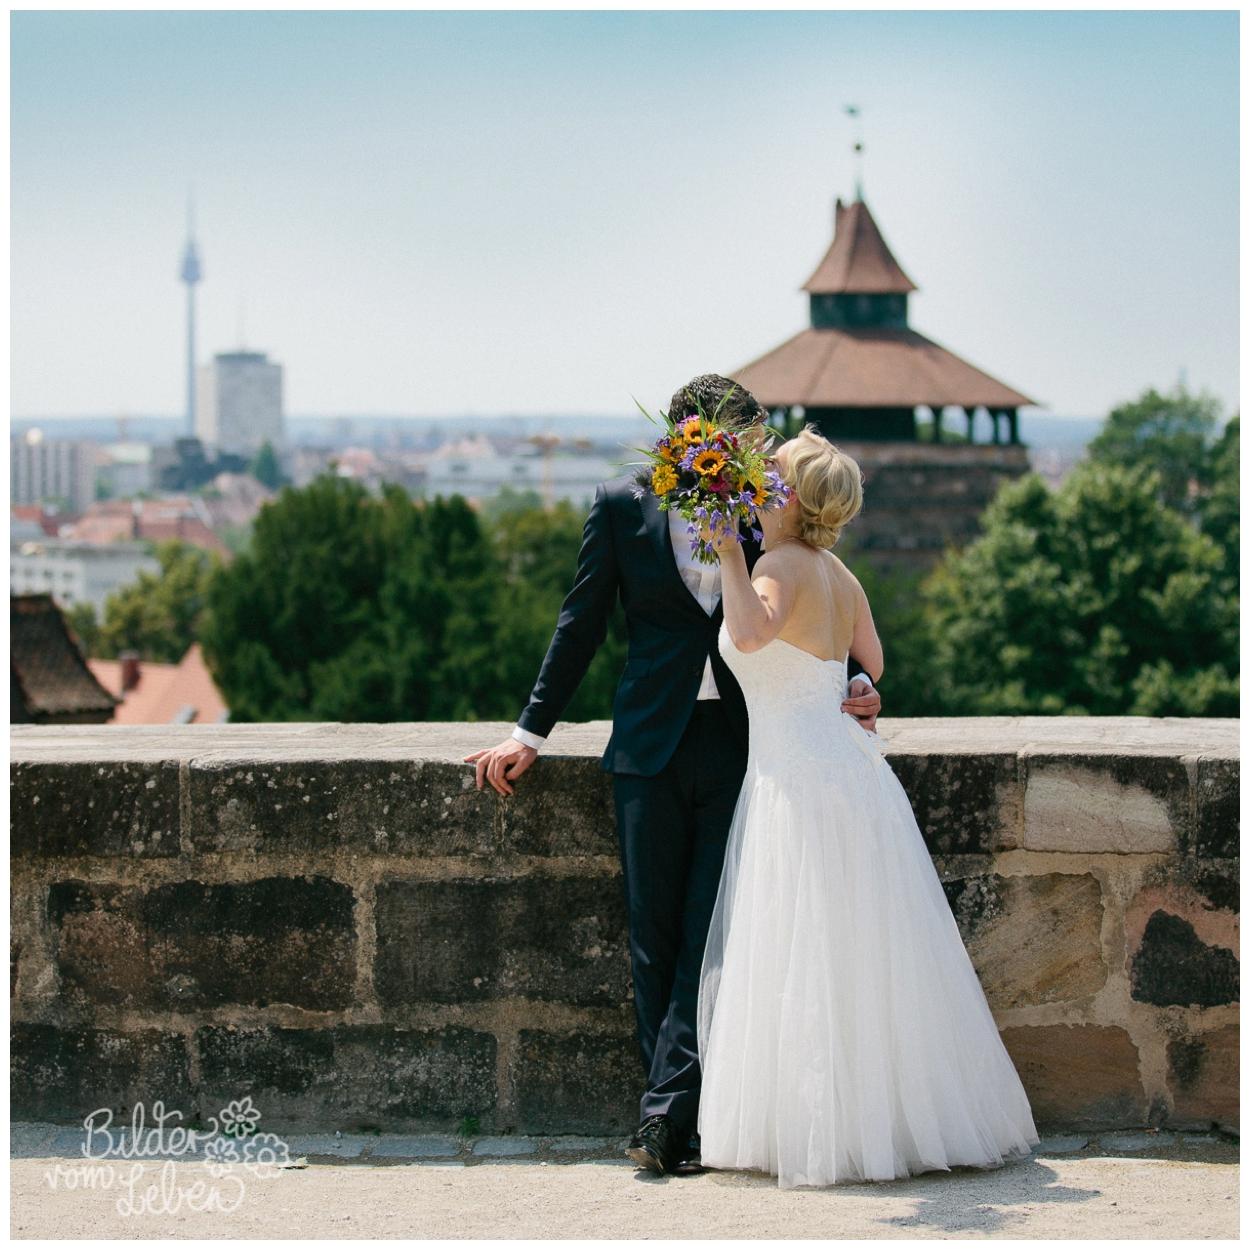 Hochzeit nurnberg standesamt beliebte - Mobelhauser nurnberg und umgebung ...